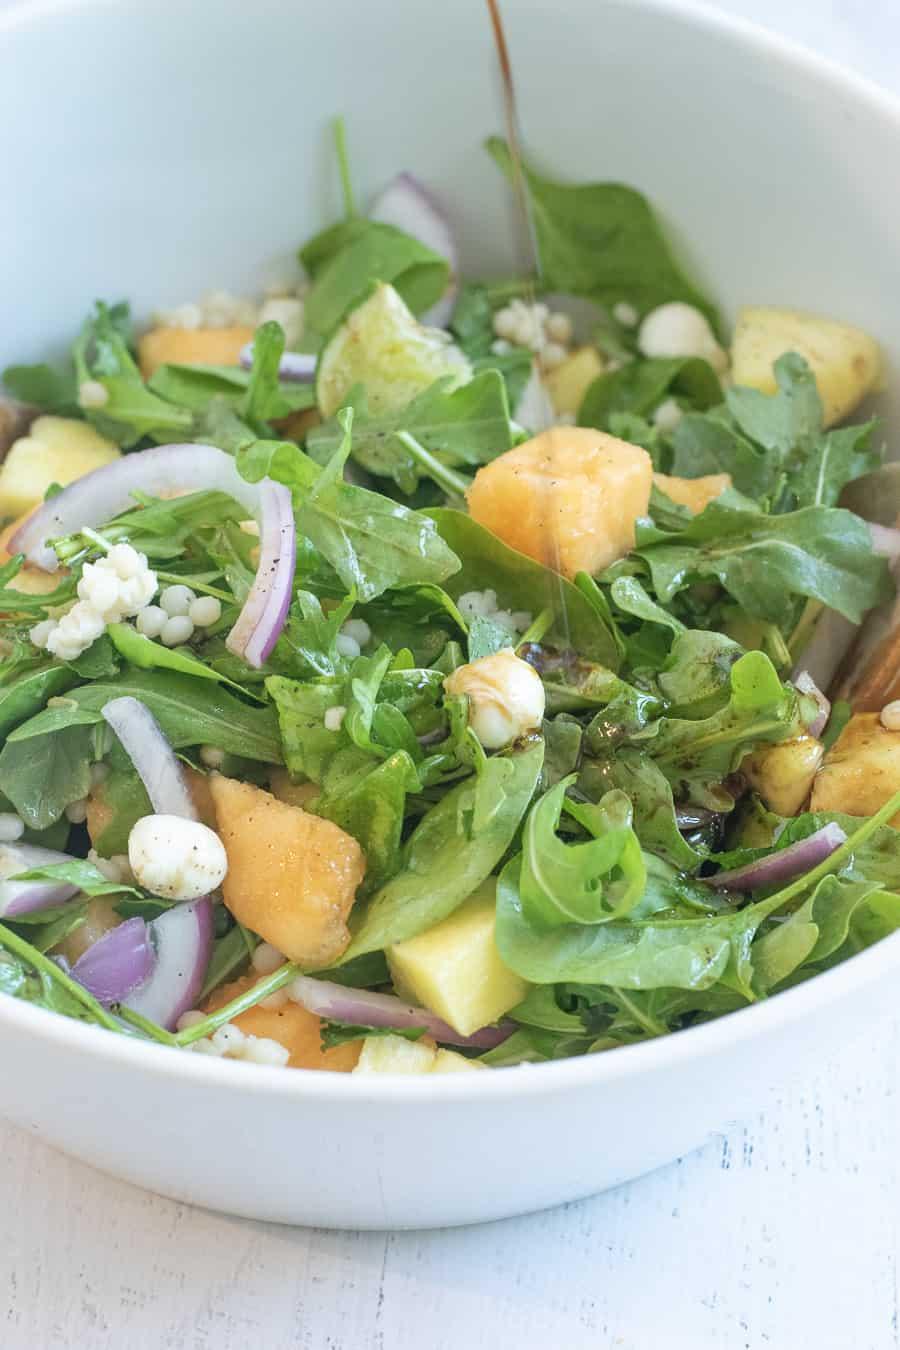 honey balsamic dressing over pineapple mint salad